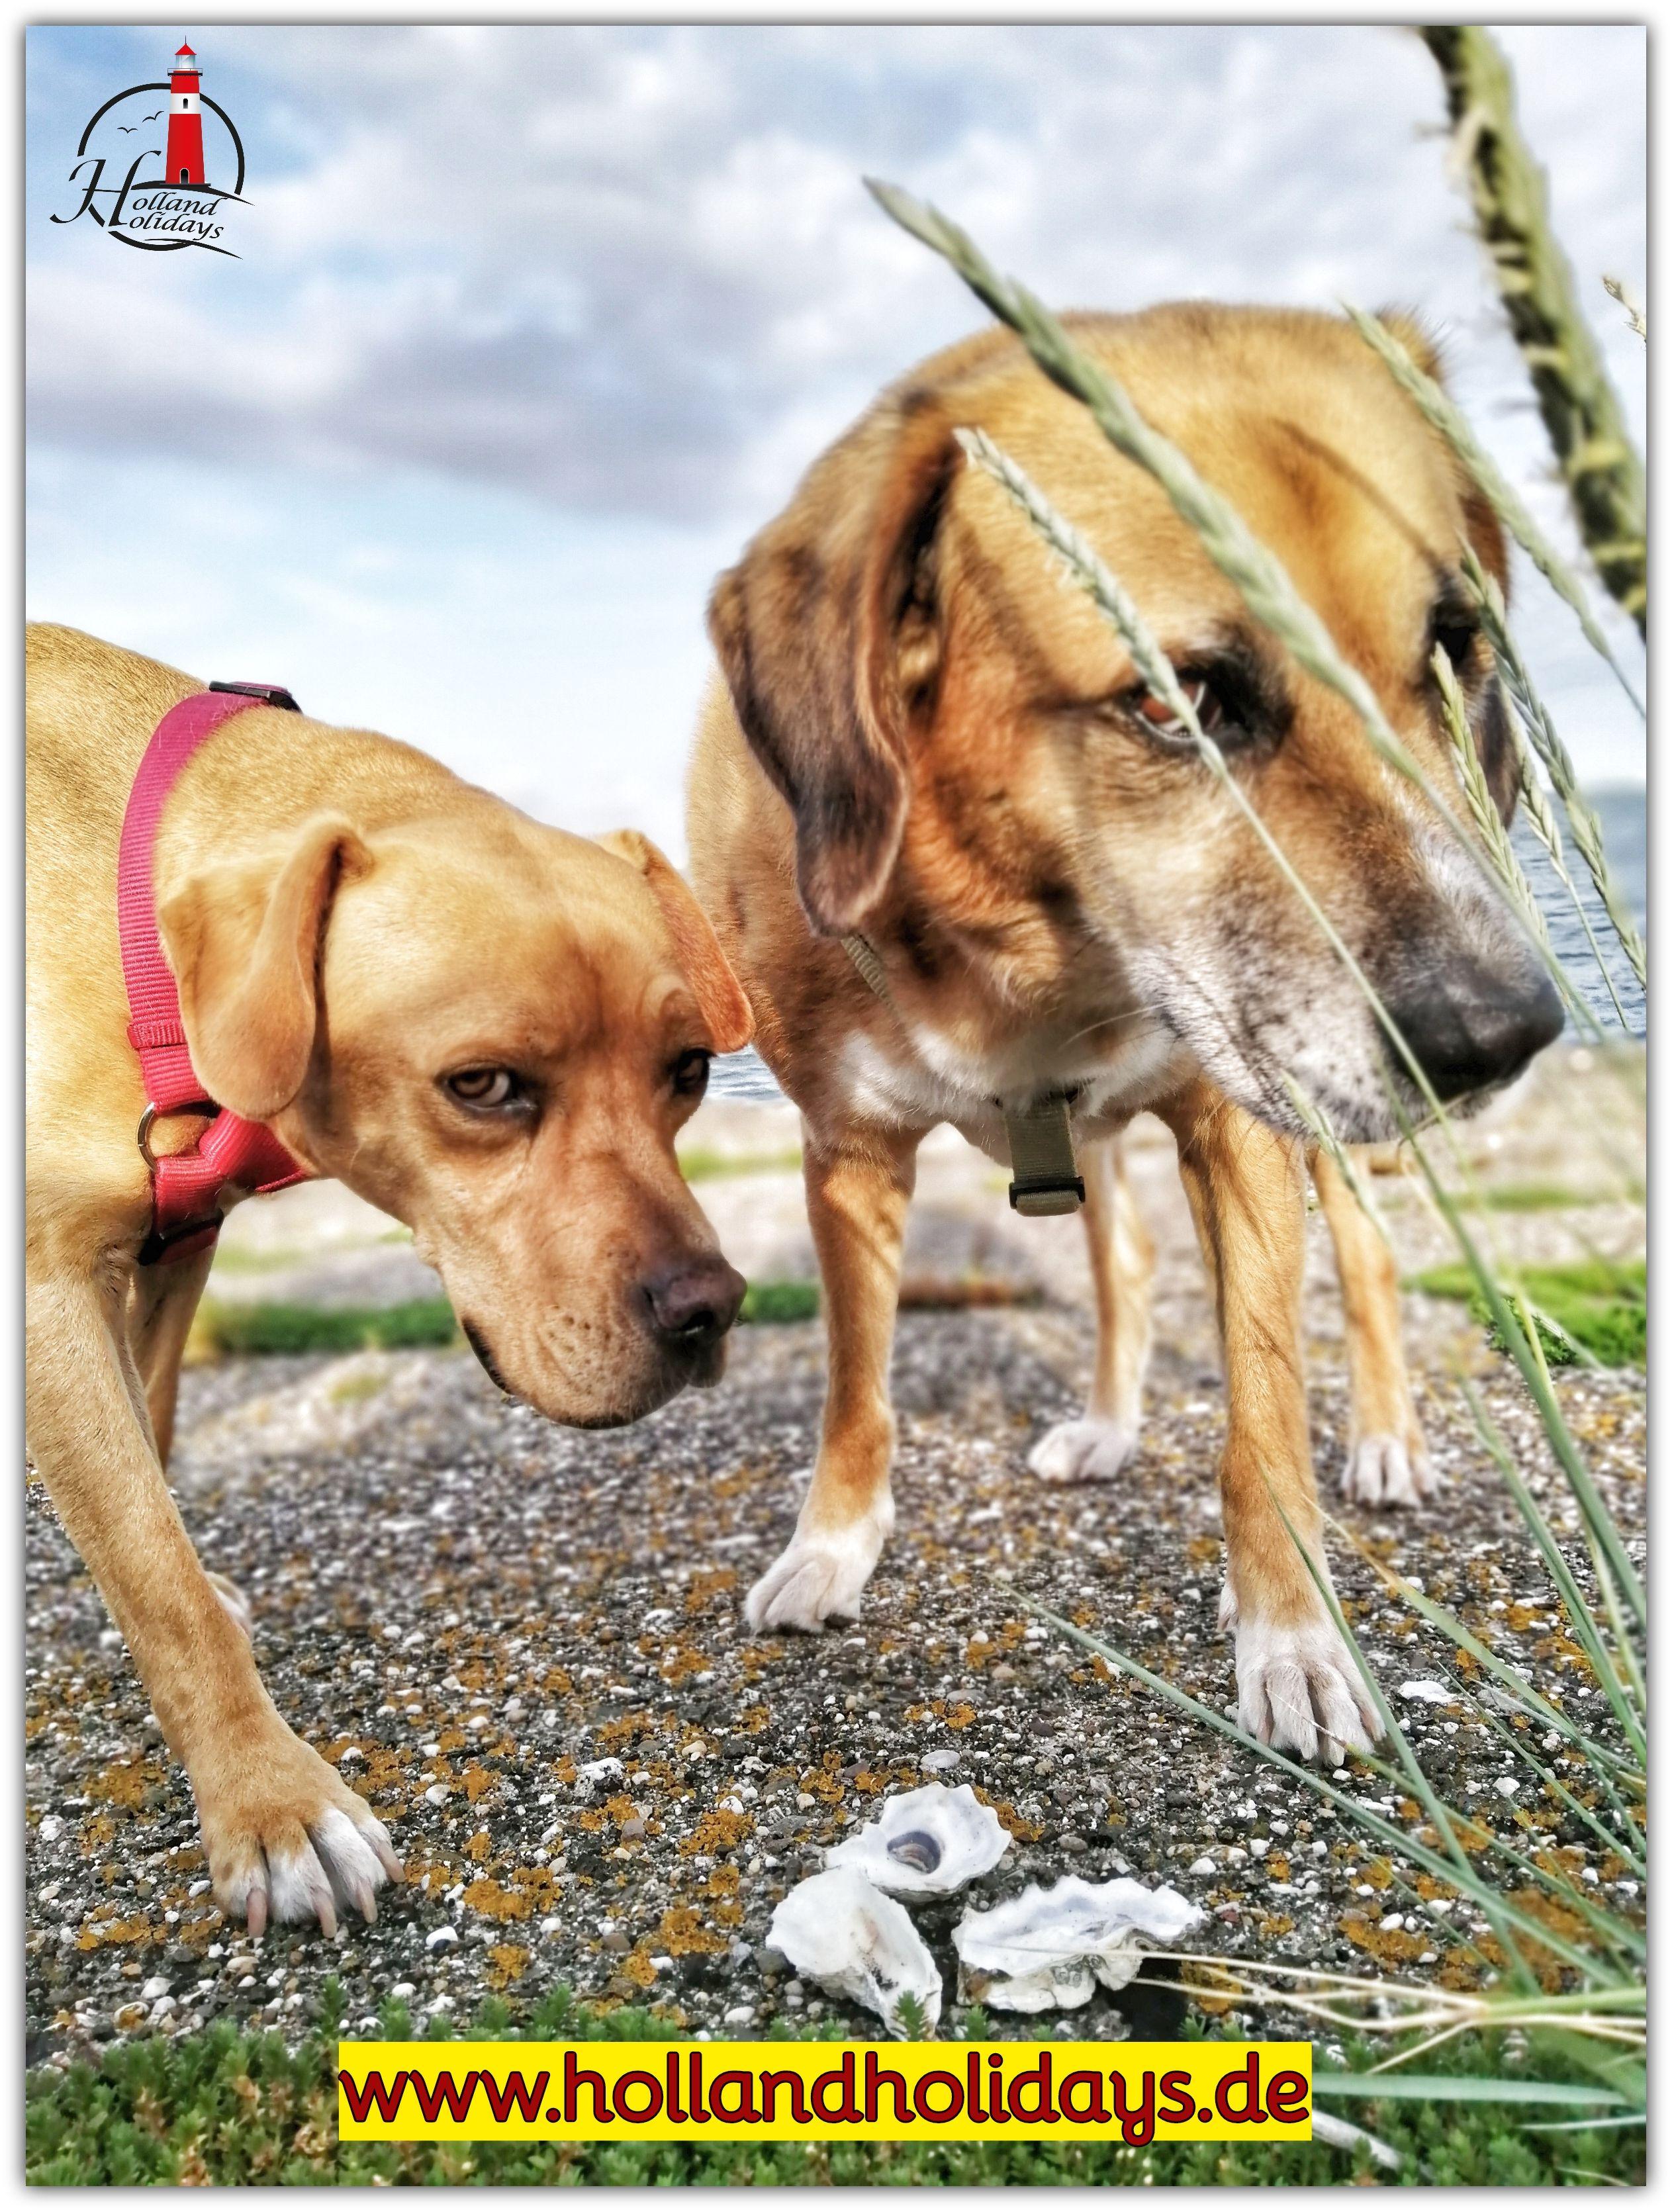 Wir Entdecken Zeeland In 2020 Hunde Und Kinder Urlaub Mit Hund Zeeland Niederlande